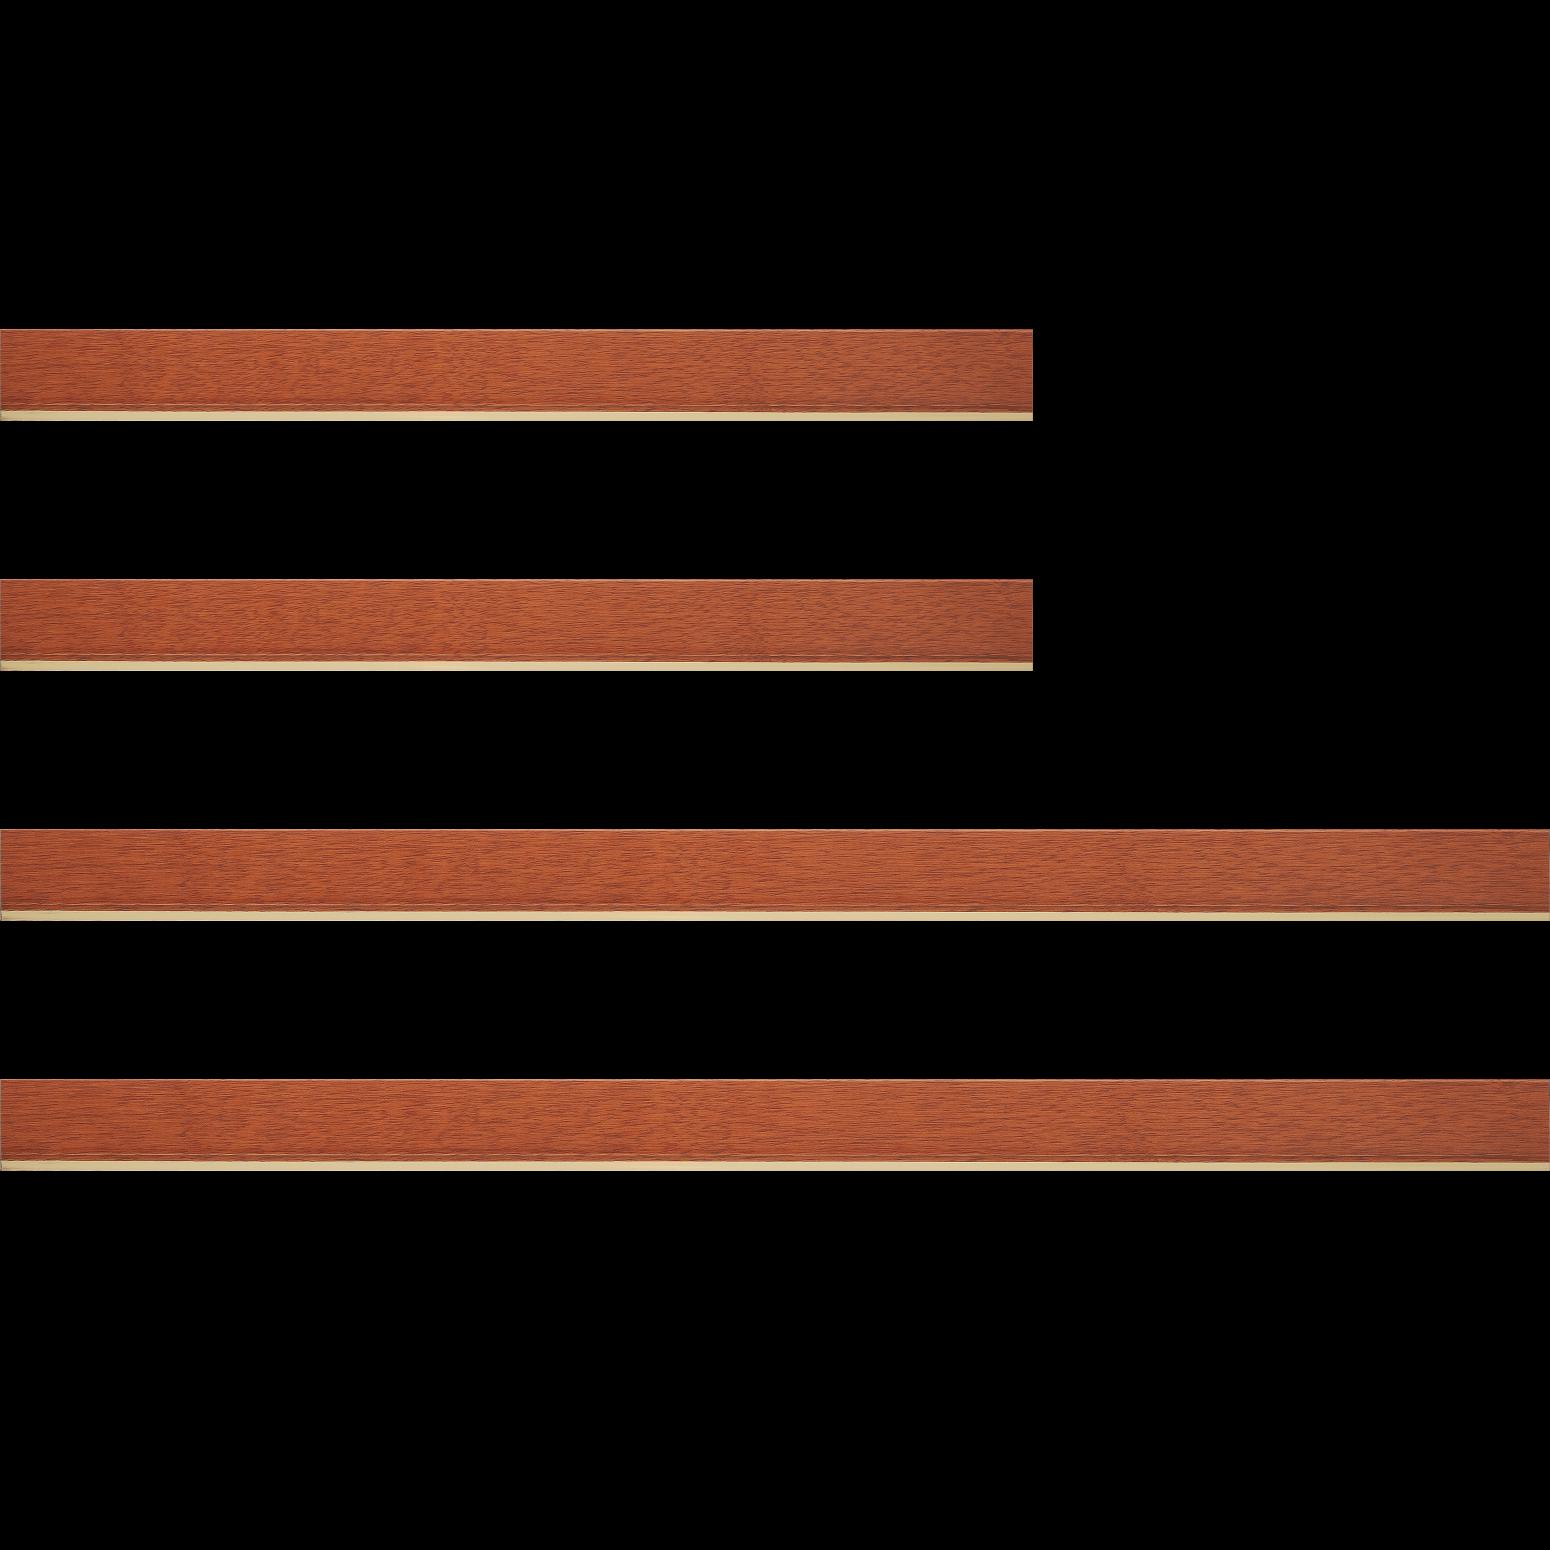 Baguette bois profil plat largeur 2.9cm couleur merisier filet or